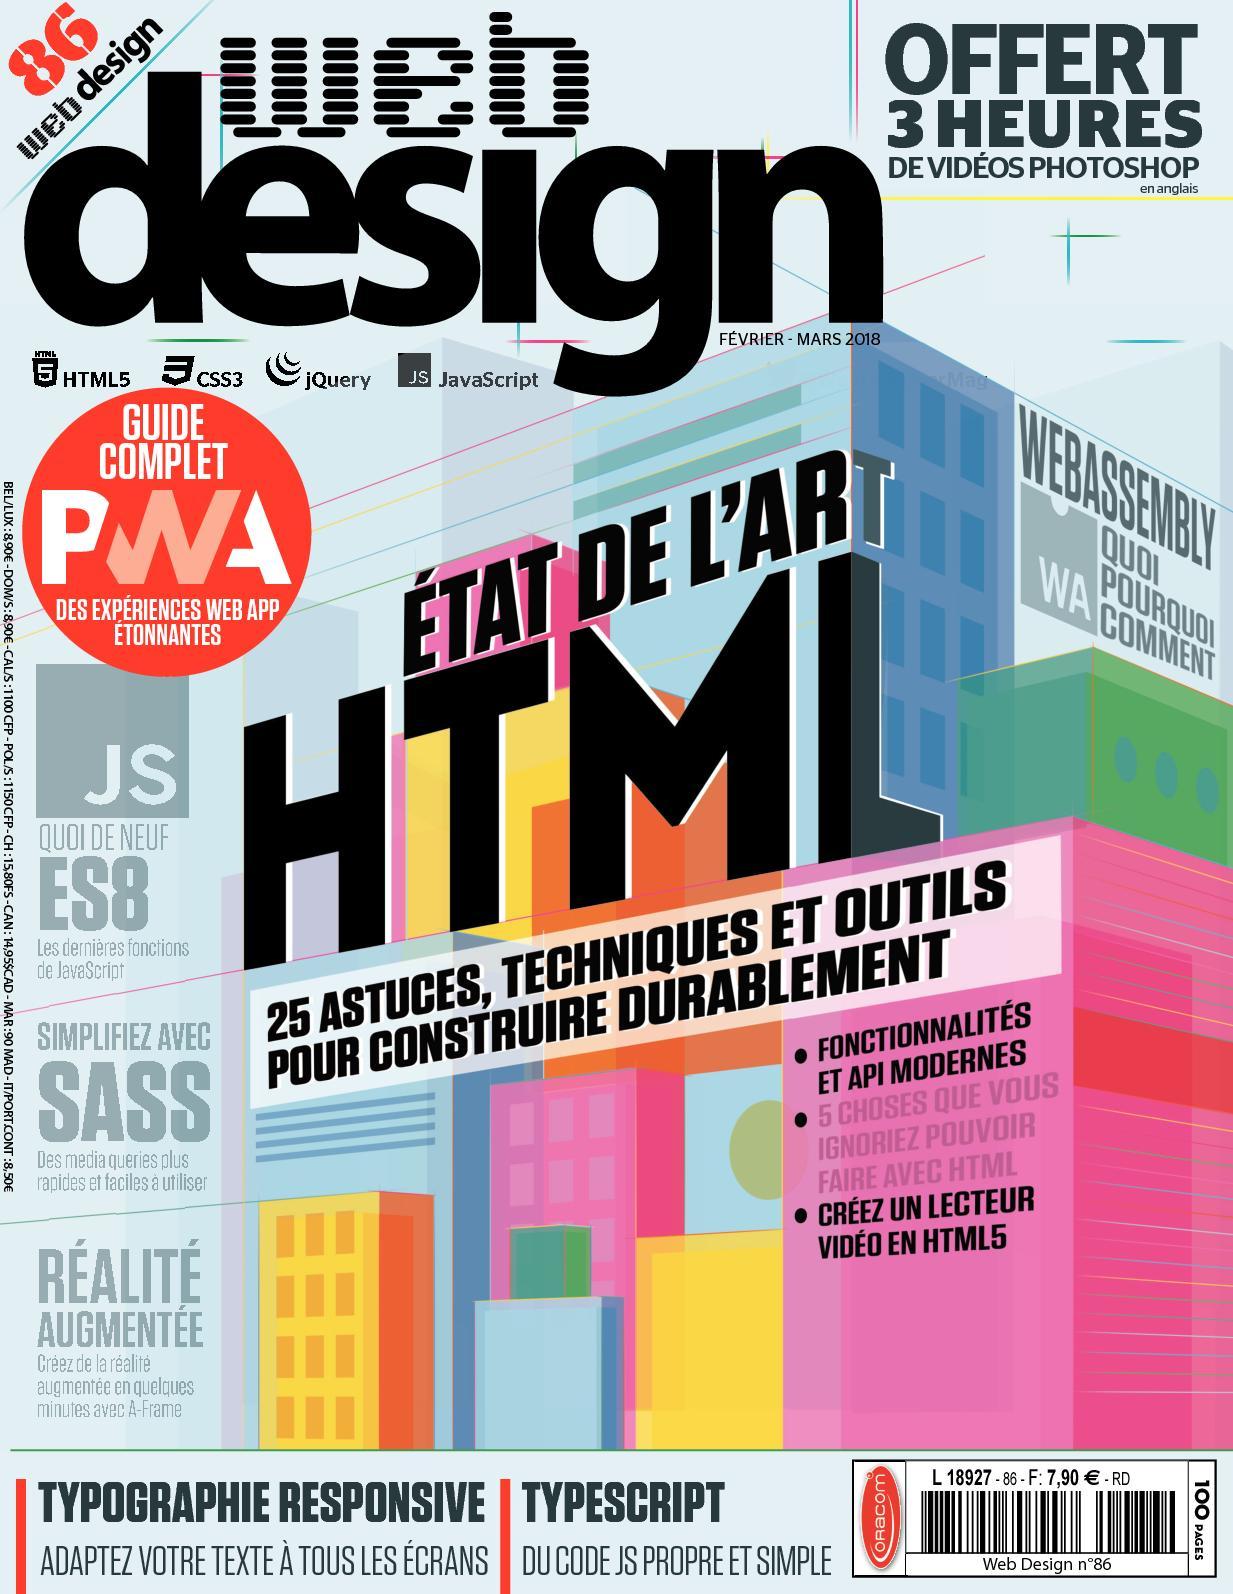 Web Design 86